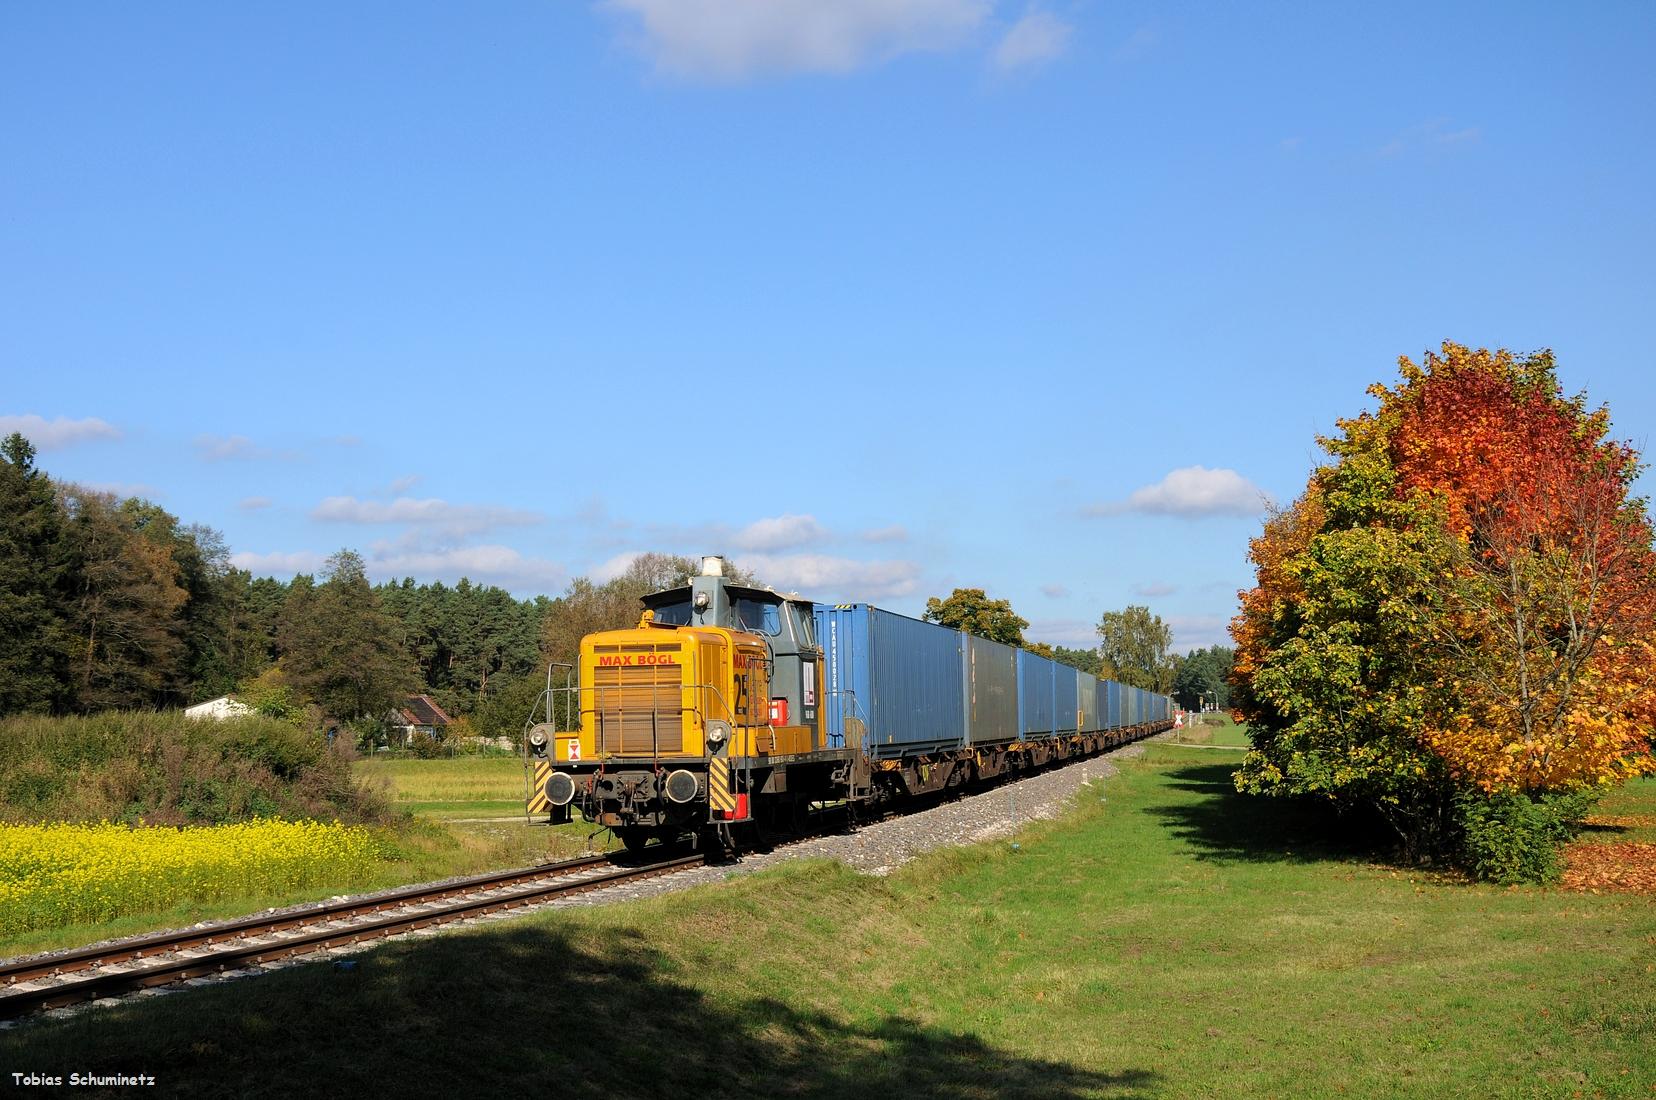 Um kurz darauf mit dem zweiten Zugteil wieder ins MAX BÖGL-Werk zu fahren.